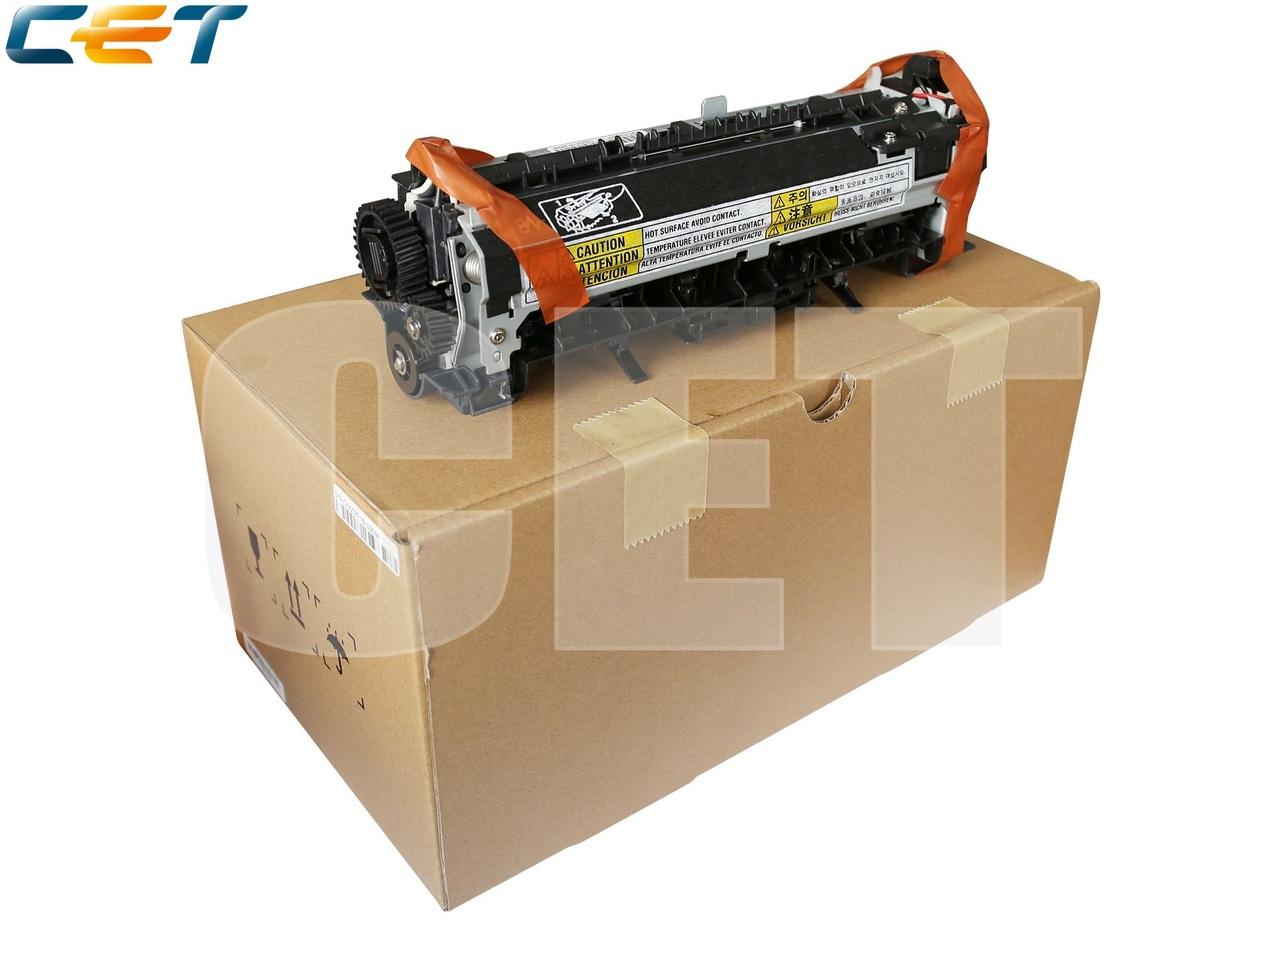 Фьюзер (печка) в сборе RM2-5796-000 для HP LaserJetEnterprise MFP M630 (CET), CET2552